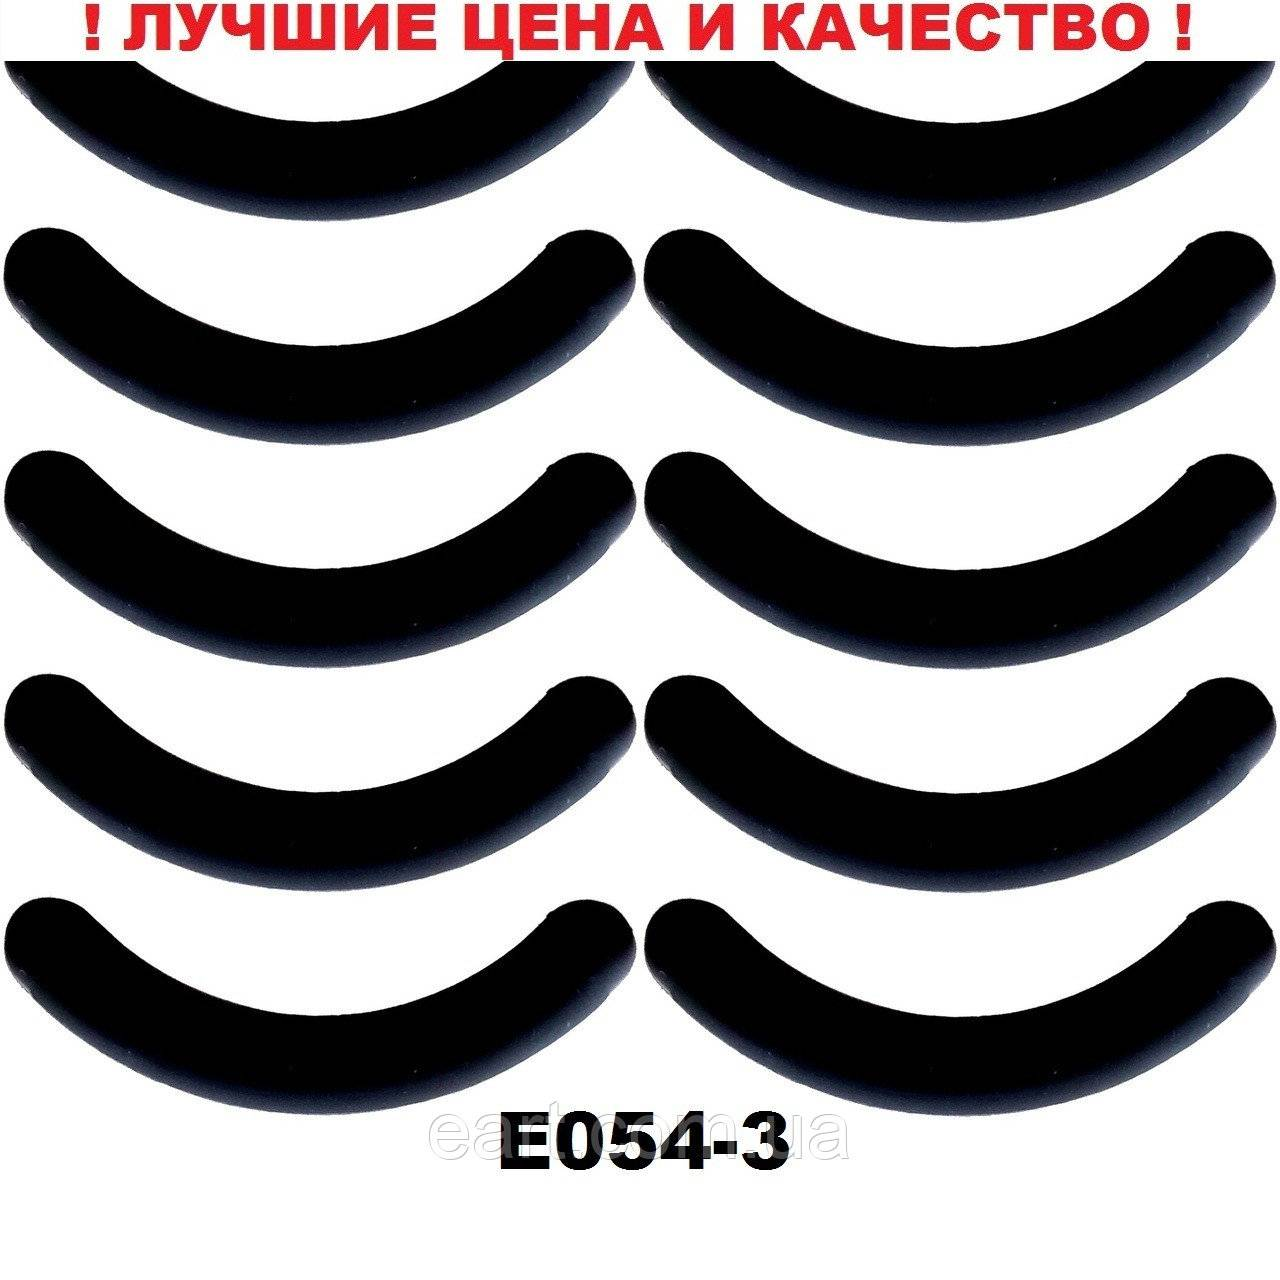 Универсальные силиконовые щипцы с Алиэкспресс